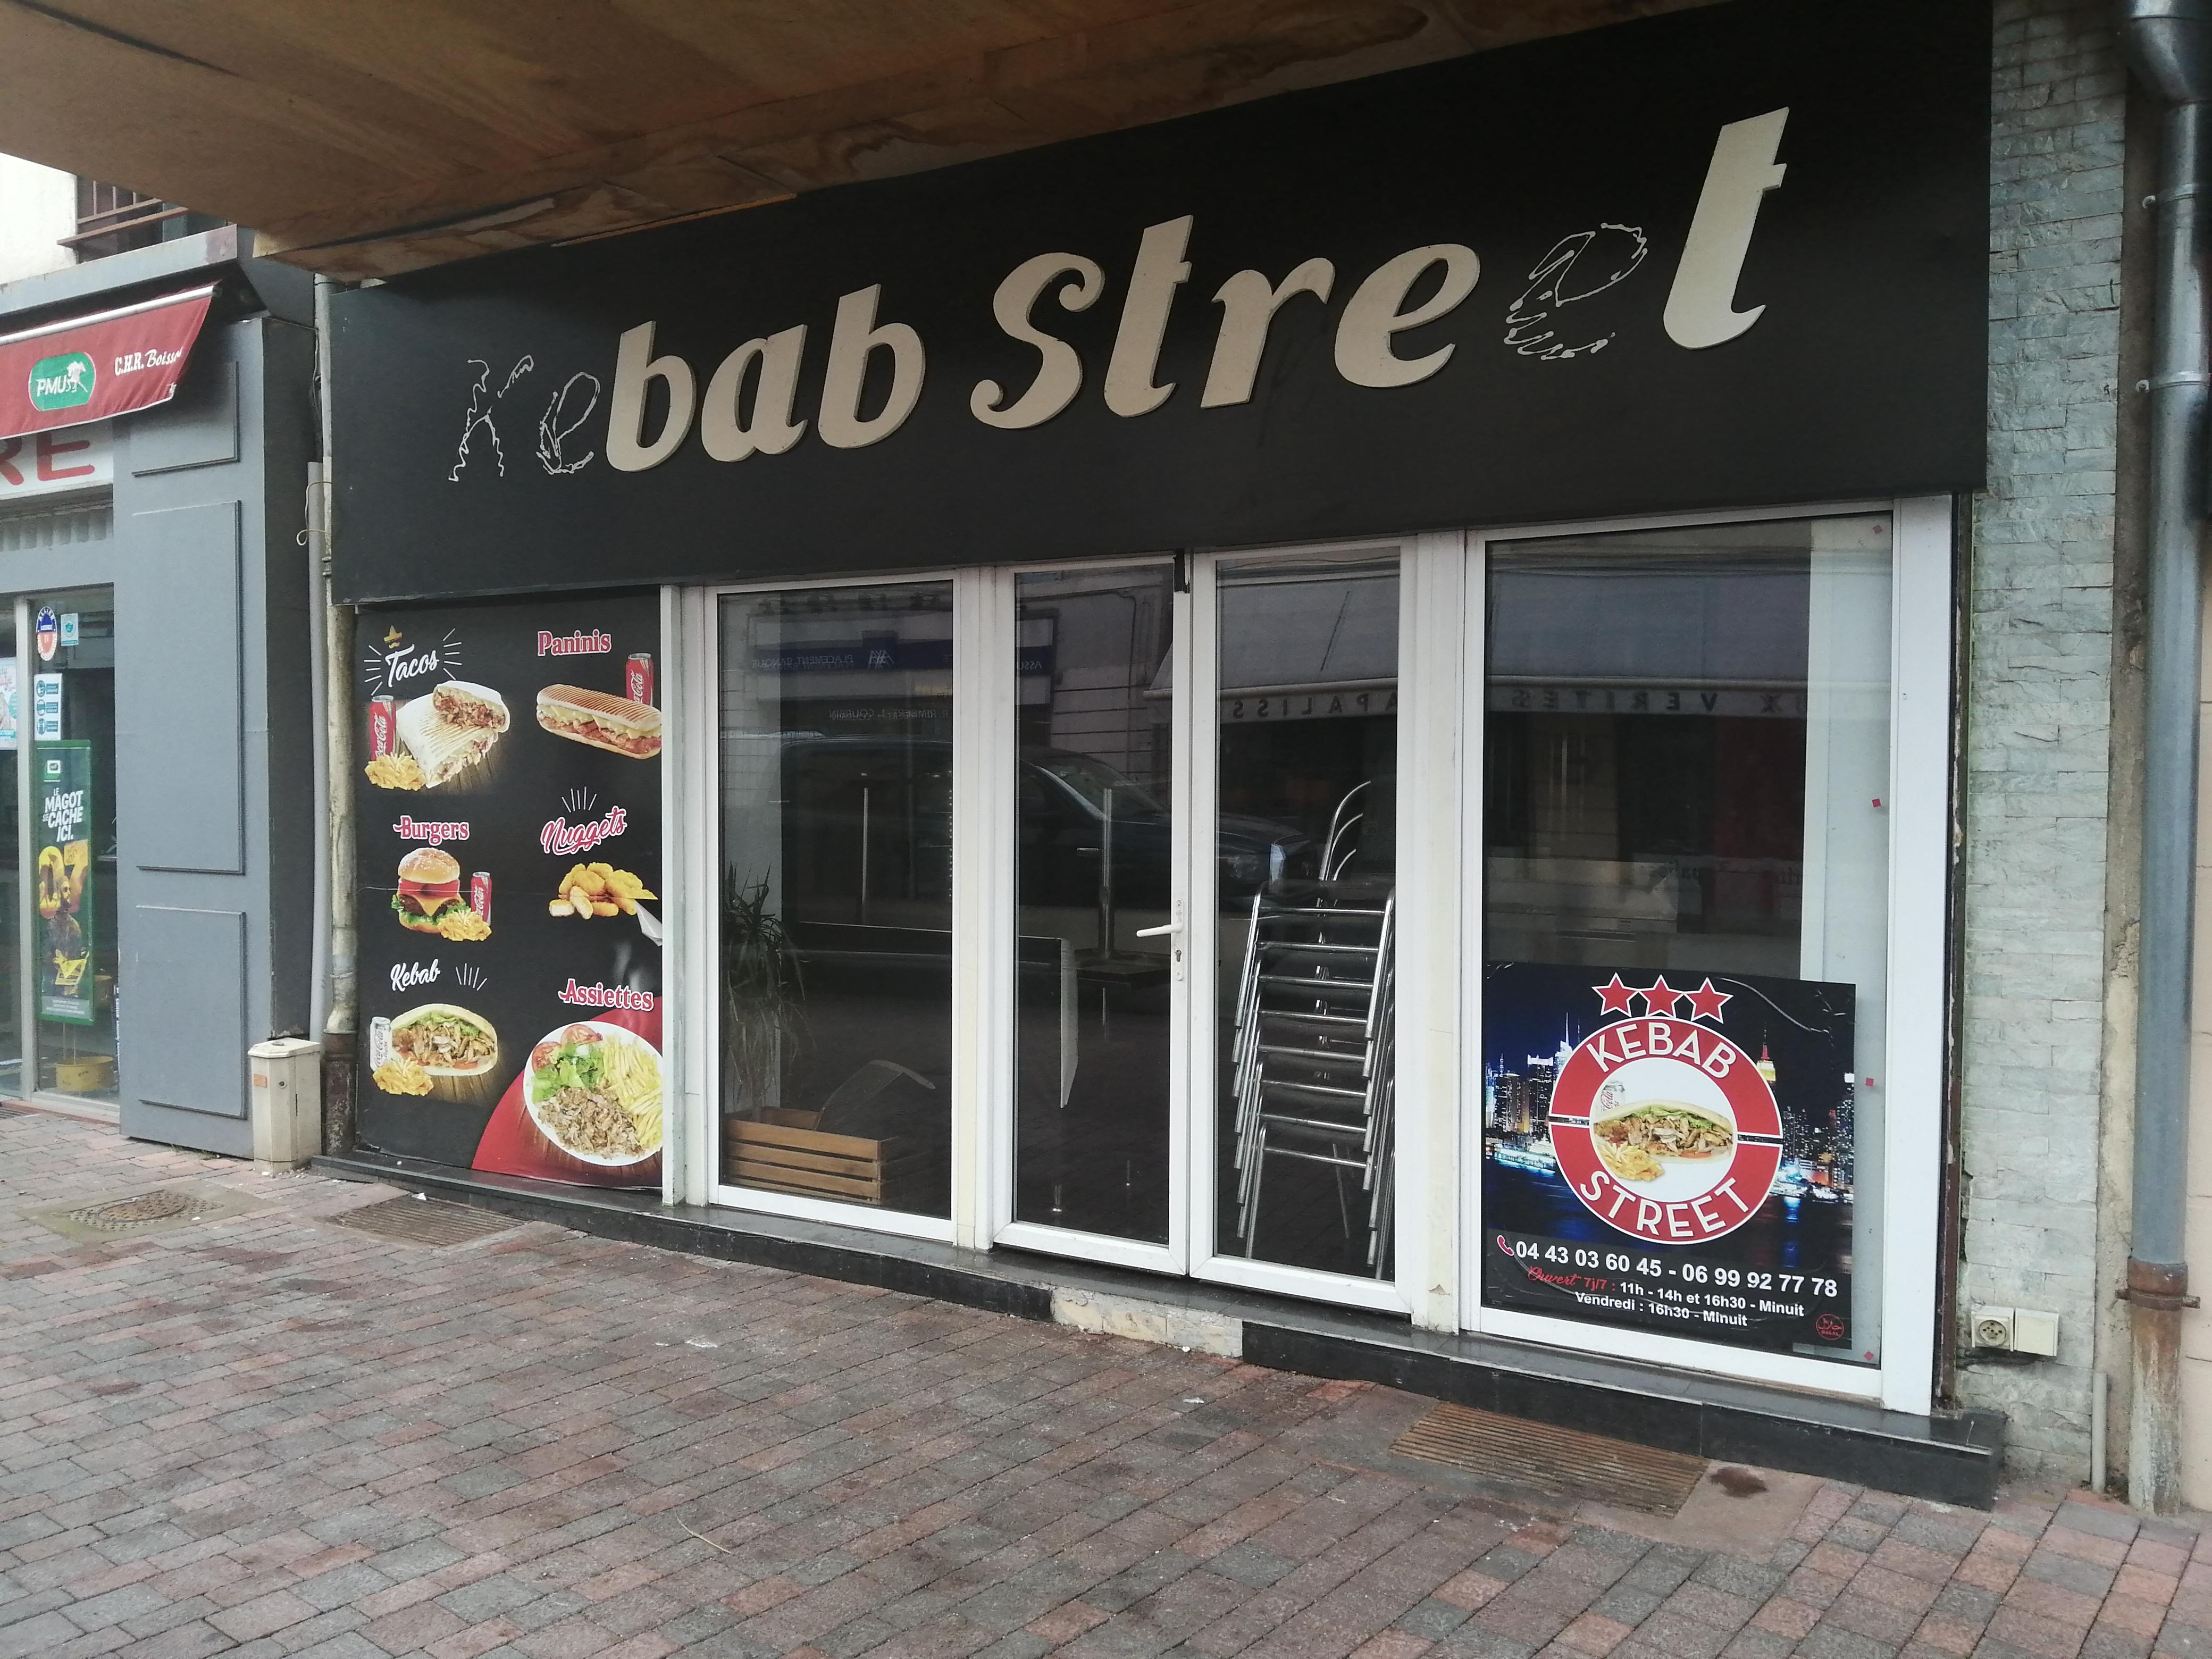 kebab-street.jpg